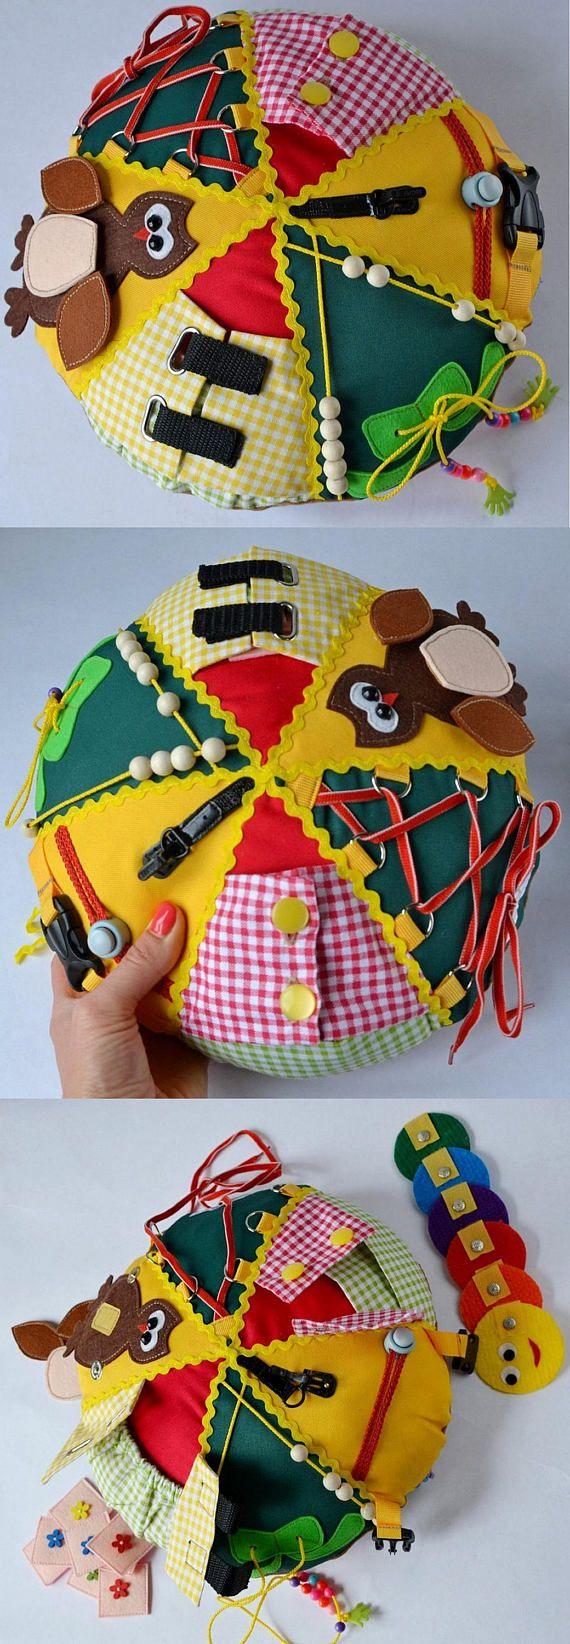 Le diamètre de loreiller - 30 cm (11,8 pouces). Fait de coton, de feutre et de différentes attaches. Toy - coussin est divisé en 6 segments. Le premier triangle vert, lenfant apprend à compter jusquà 10 et à créer un noeud. Le deuxième triangle jaune avec fermoir qui se trouve sur le